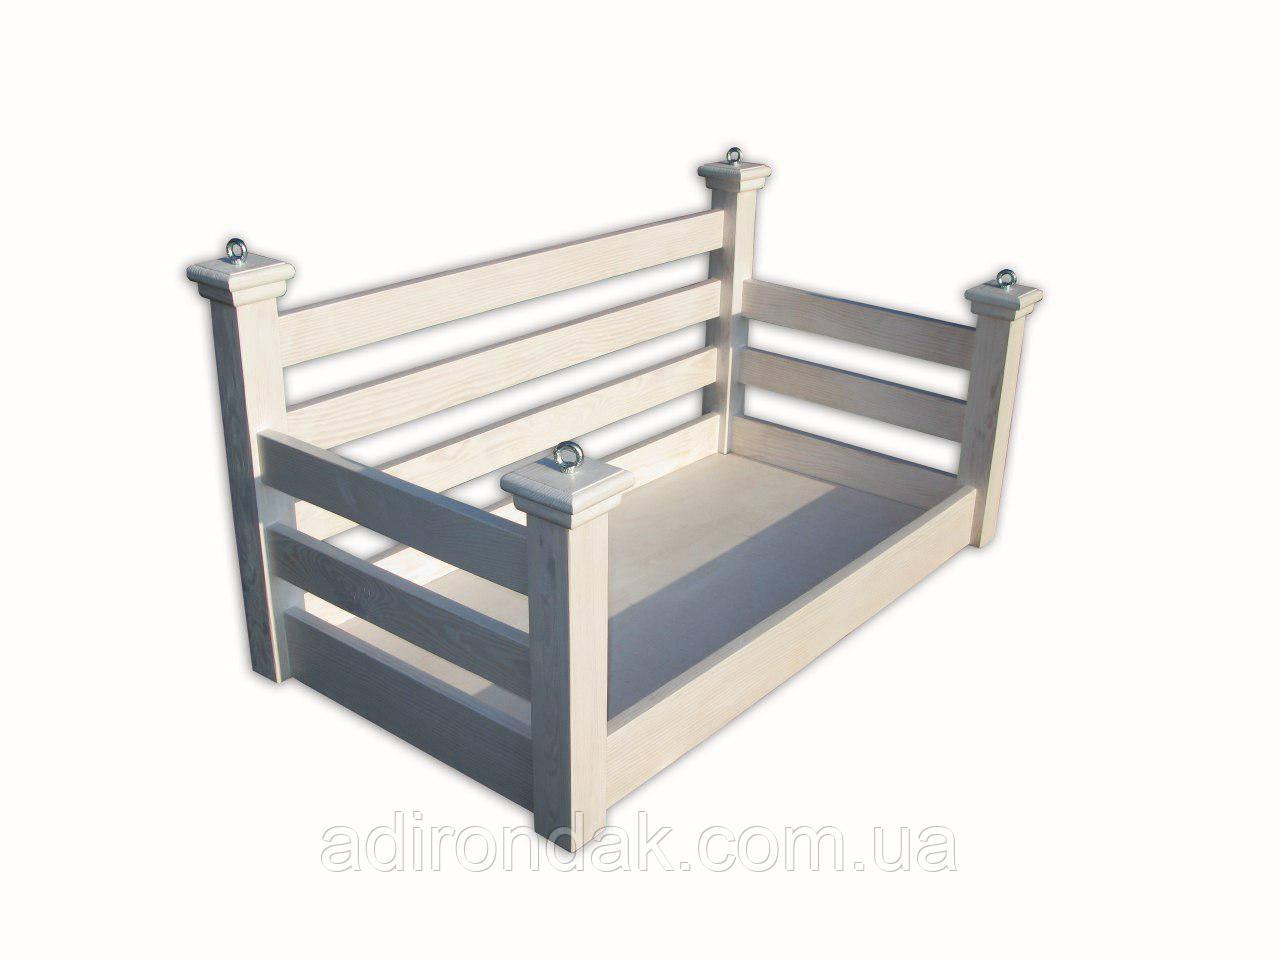 Подвесная кровать-качеля на балкон